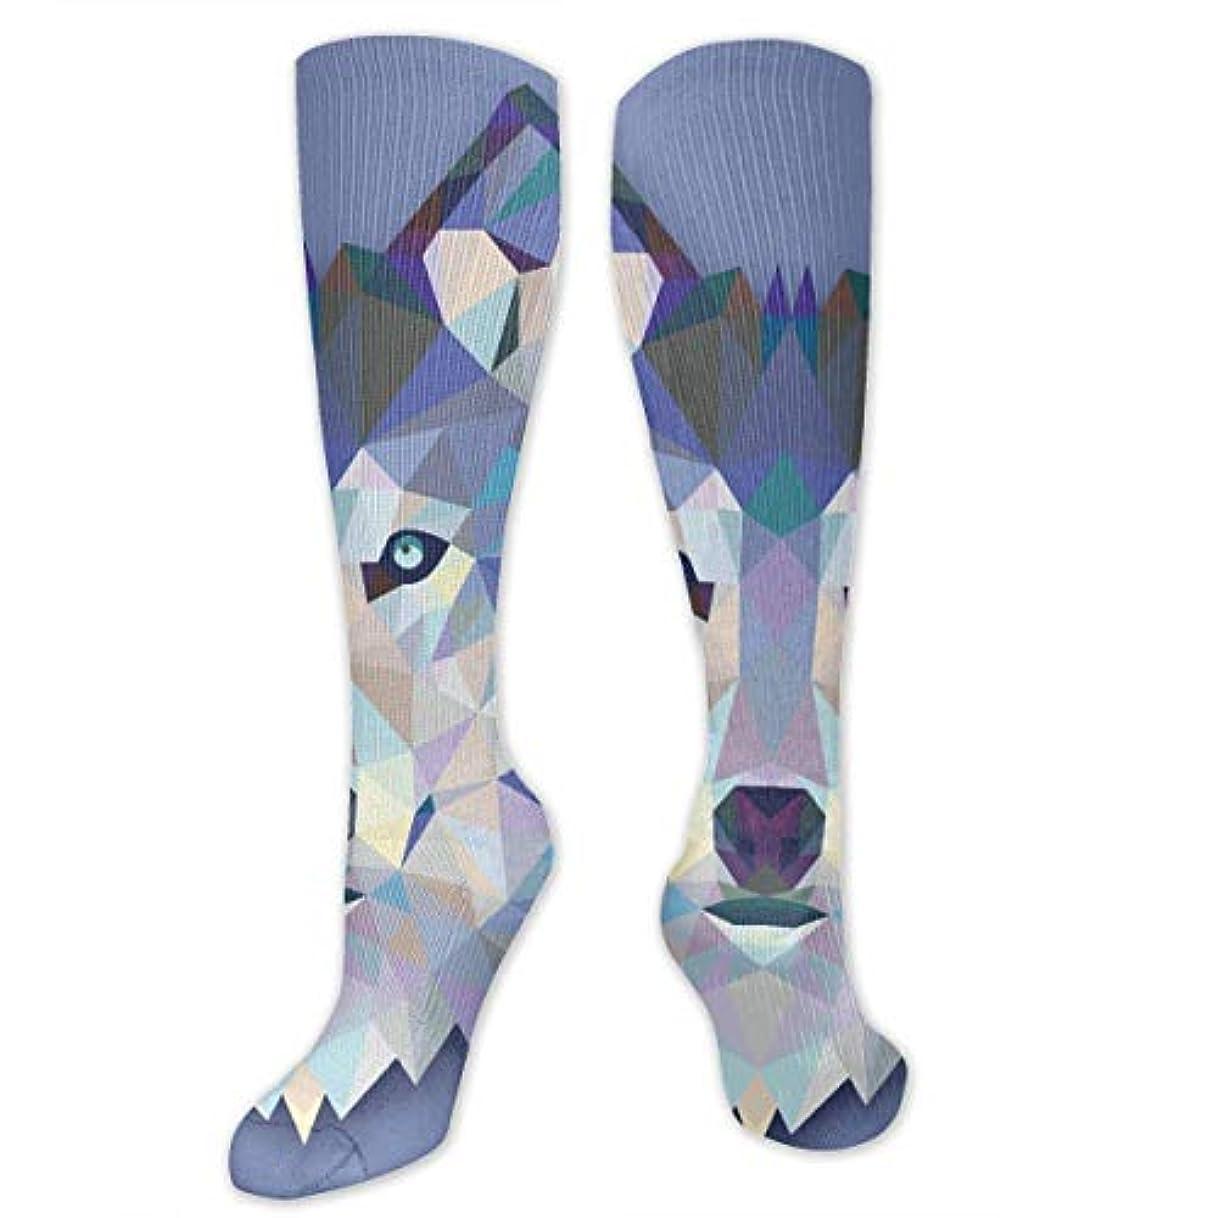 アトム感性小学生靴下,ストッキング,野生のジョーカー,実際,秋の本質,冬必須,サマーウェア&RBXAA Wolf Socks Women's Winter Cotton Long Tube Socks Knee High Graduated...